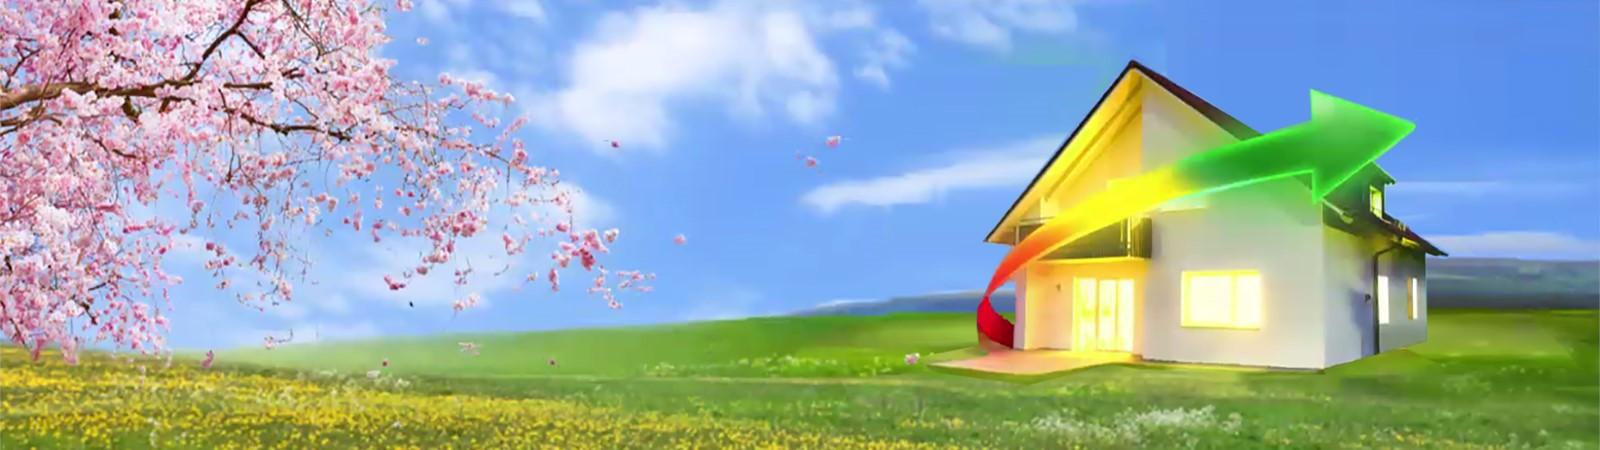 Serviceportal für die Haussanierung und Heizungsmodernisierung